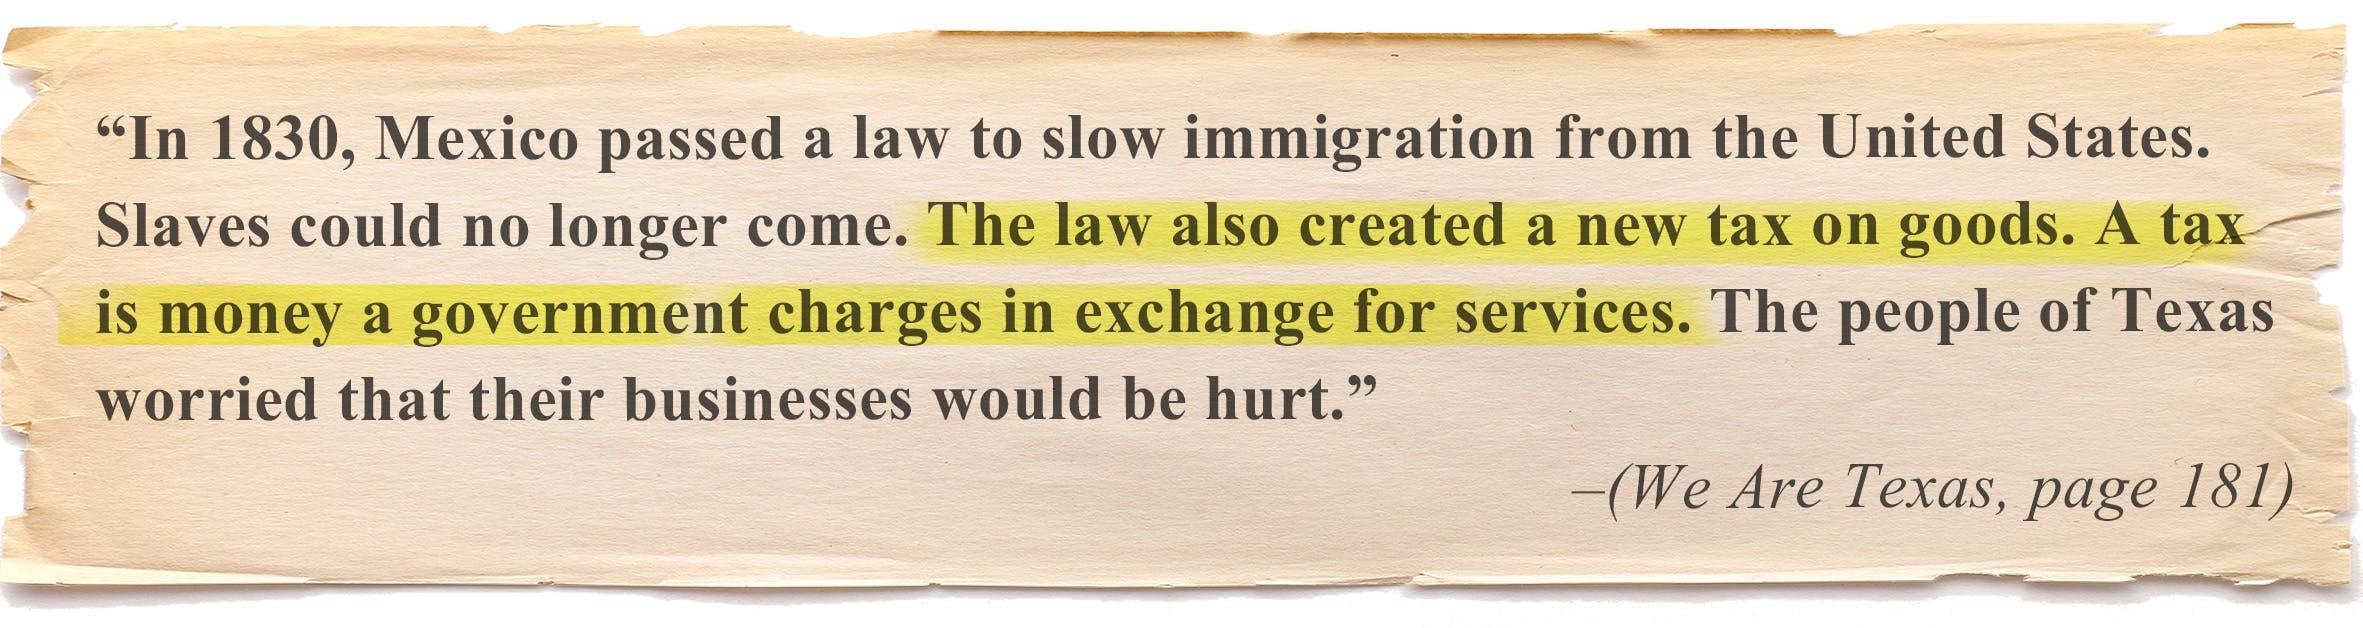 texas-history-goverment-taxes-slavery